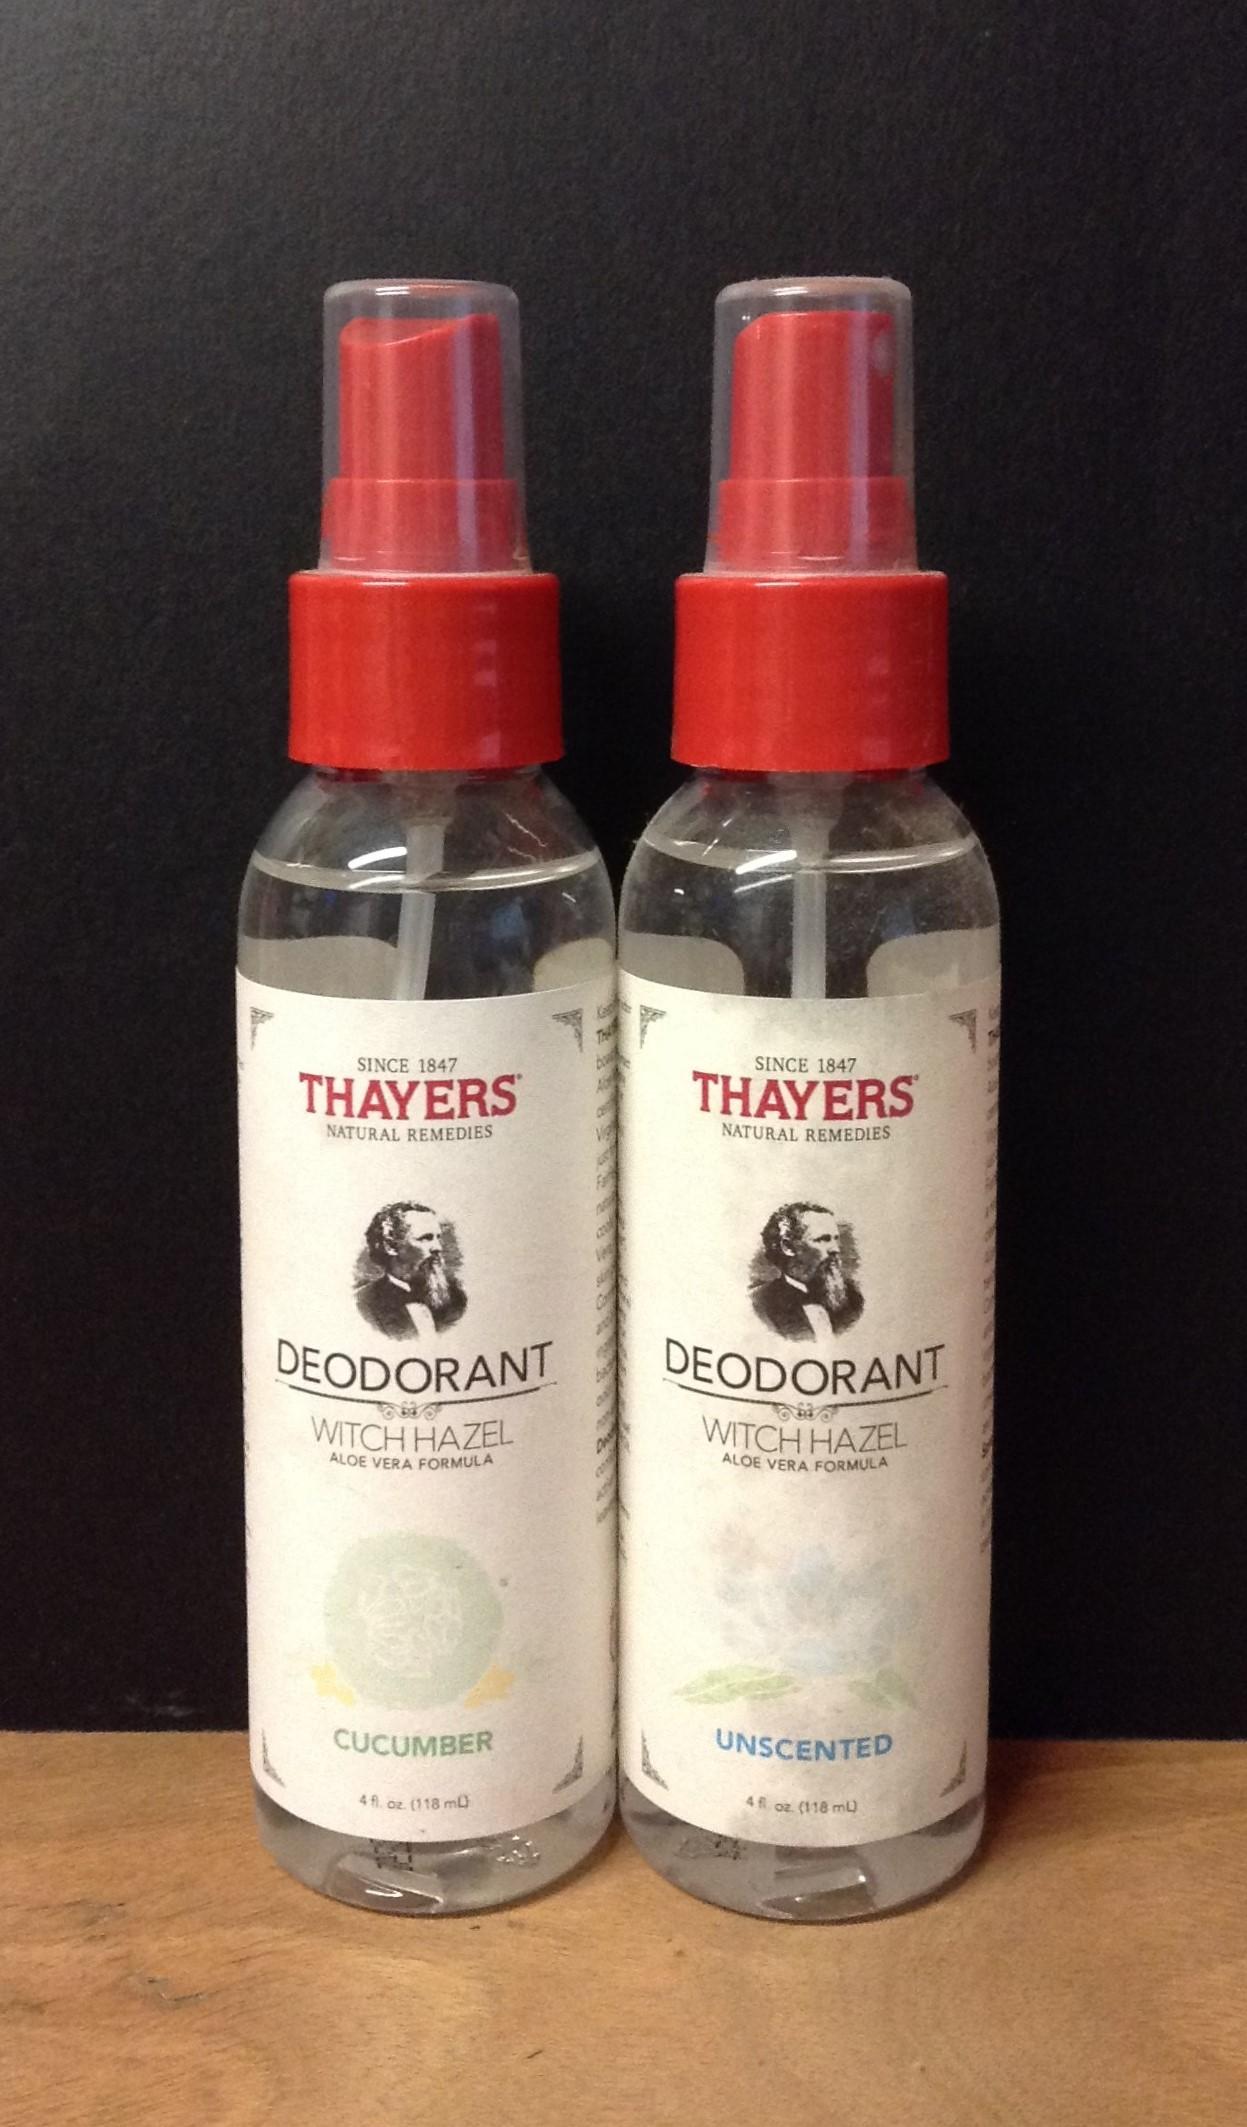 THAYERS Deodorant